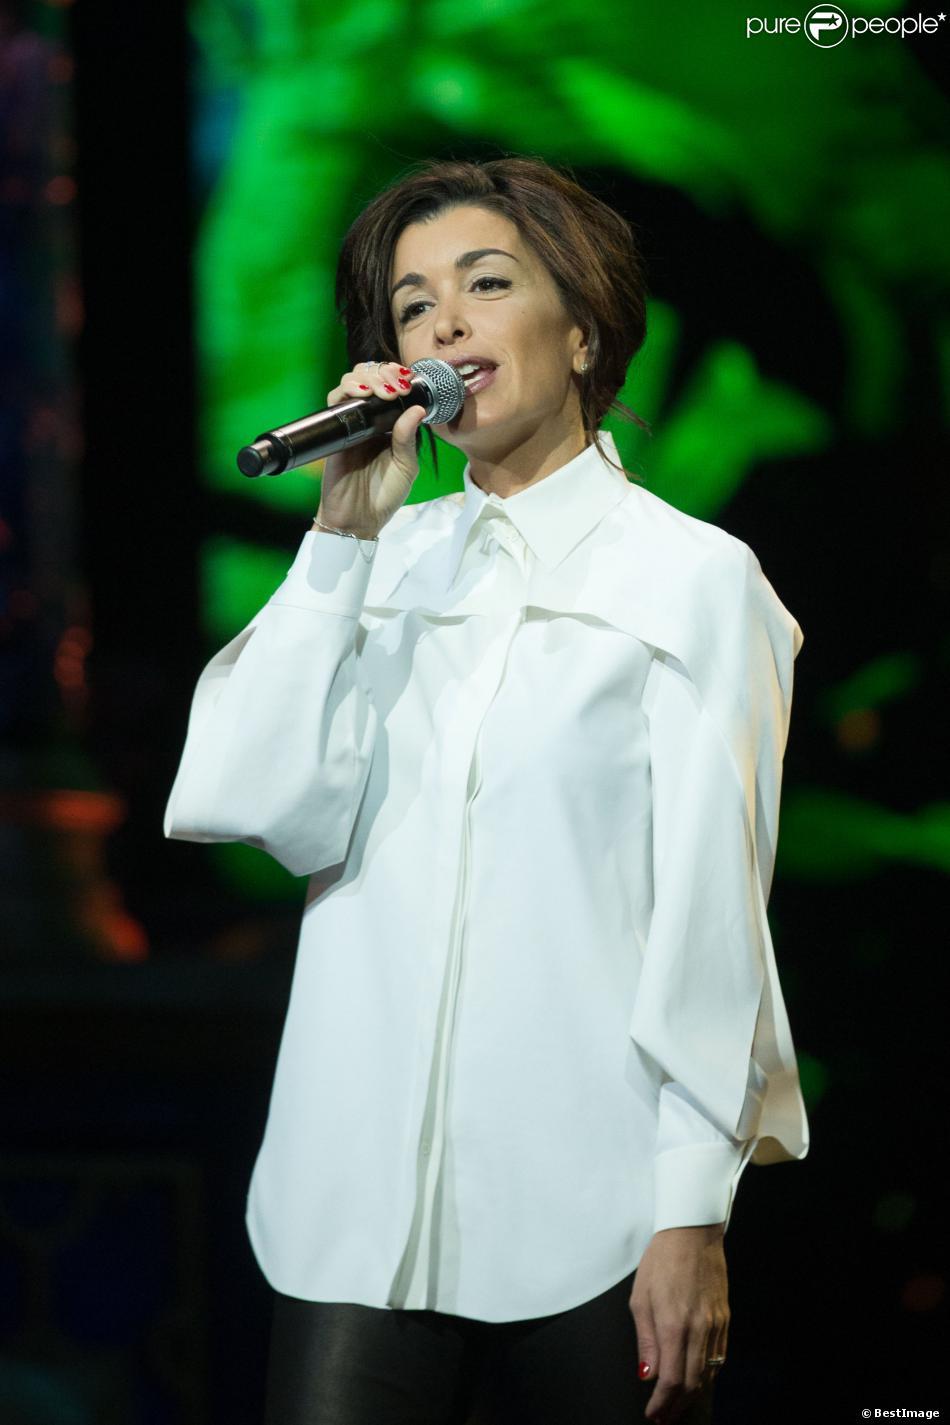 Exclusif - Jenifer Bartoli reprend les plus grands succès Disney au théâtre Mogador à Paris le 4 decembre 2013.